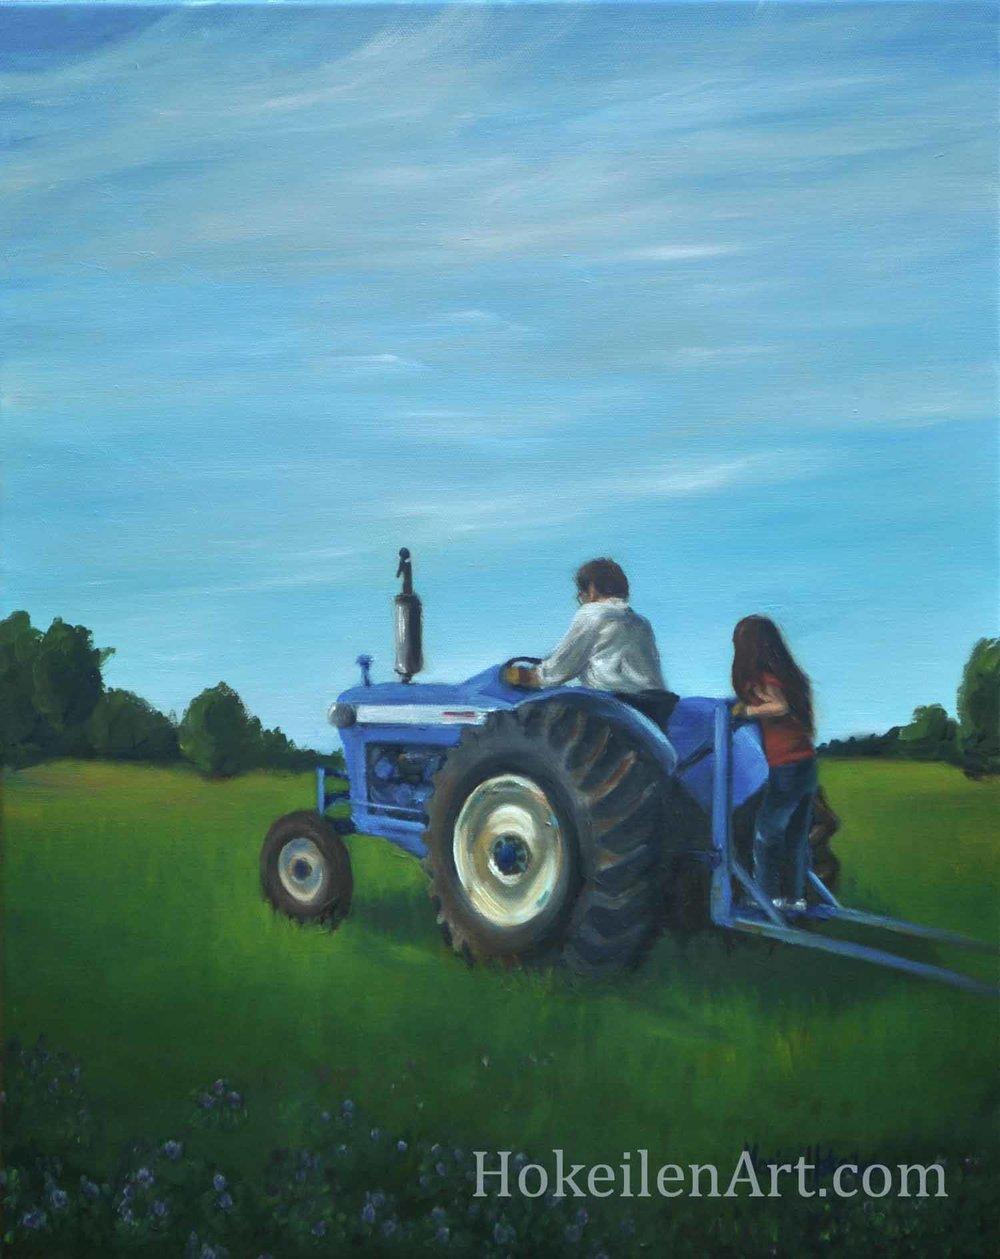 TractorRide2.jpg